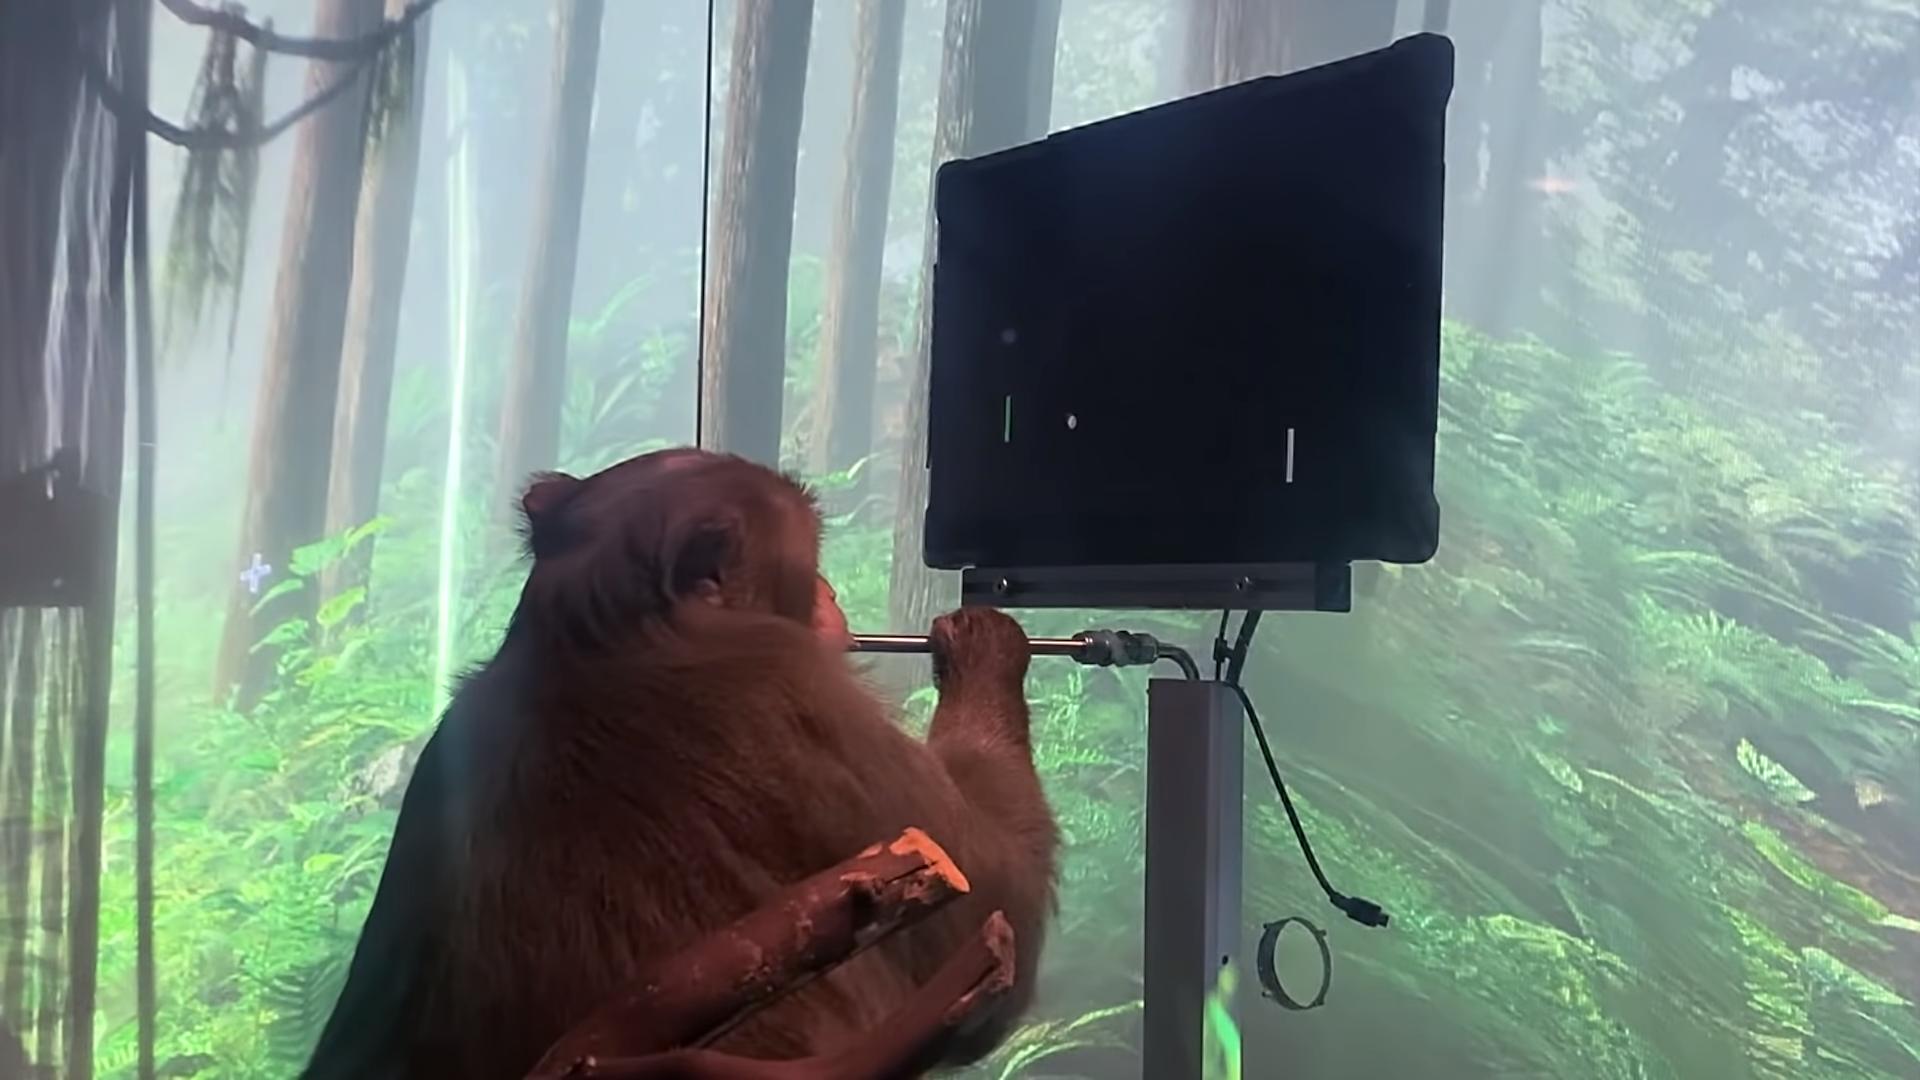 Видео дня: стартап Илона Маска показал обезьяну, играющую в виртуальный пинг-понг «силой мысли»